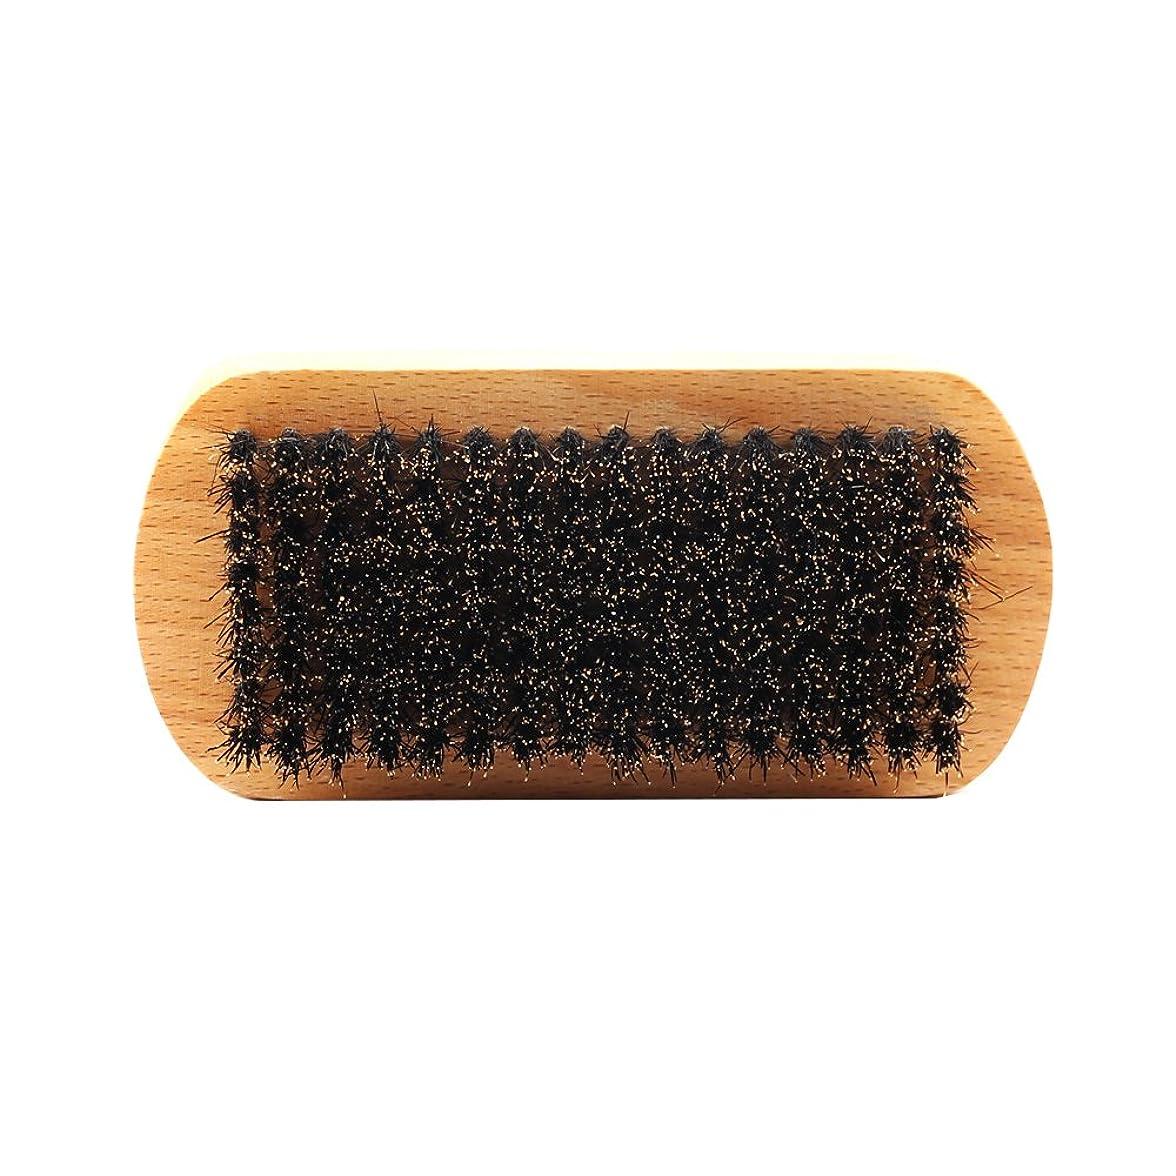 Perfeclan ビュアブラシ 男性 ひげ剃り ブリスル 天然木ハンドル ひげそり 2タイプ選べる - #1